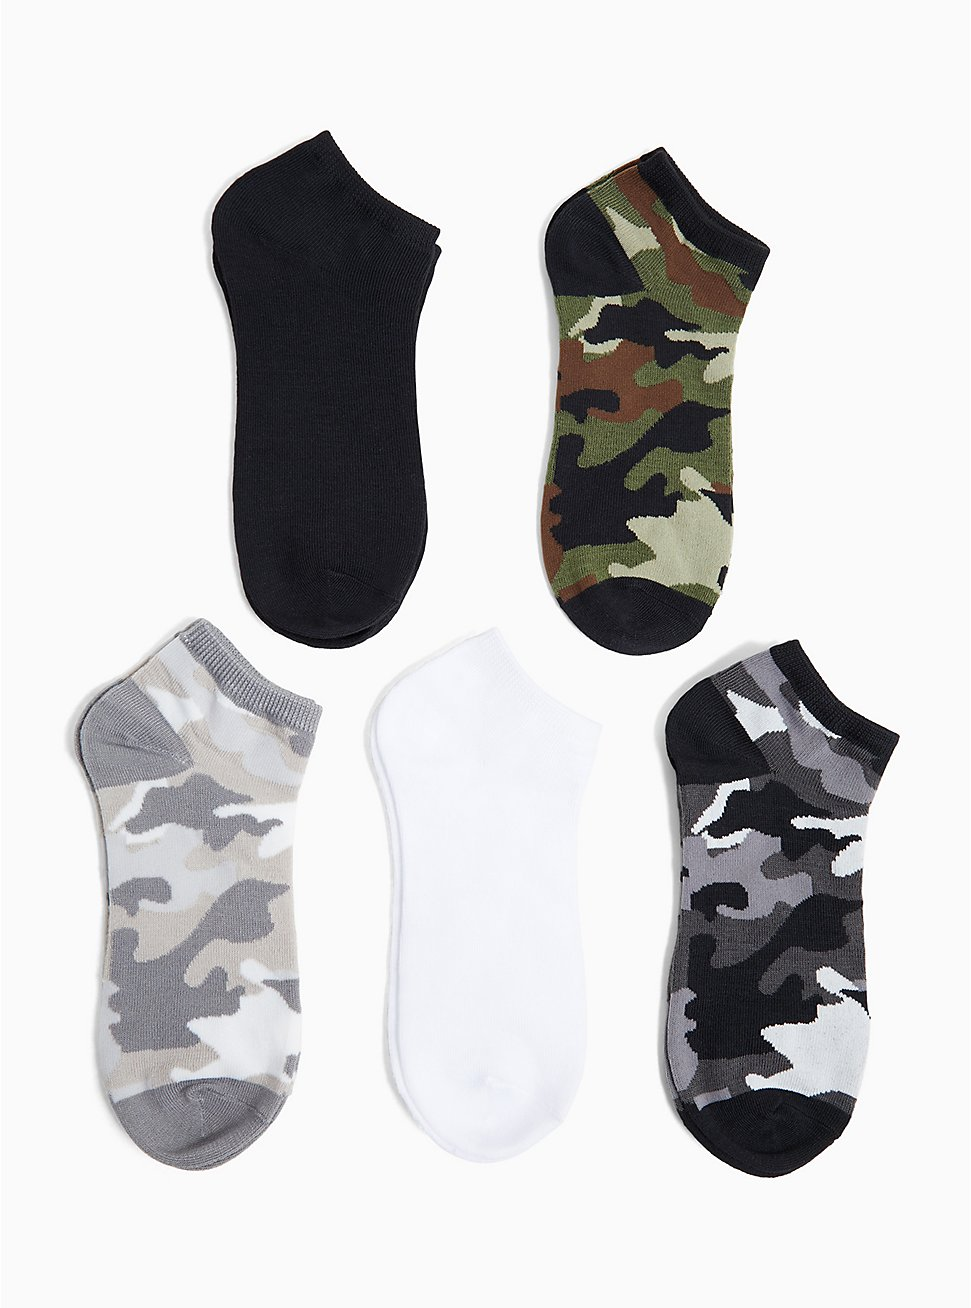 Camo Socks Pack - Pack of 5, MULTI, hi-res